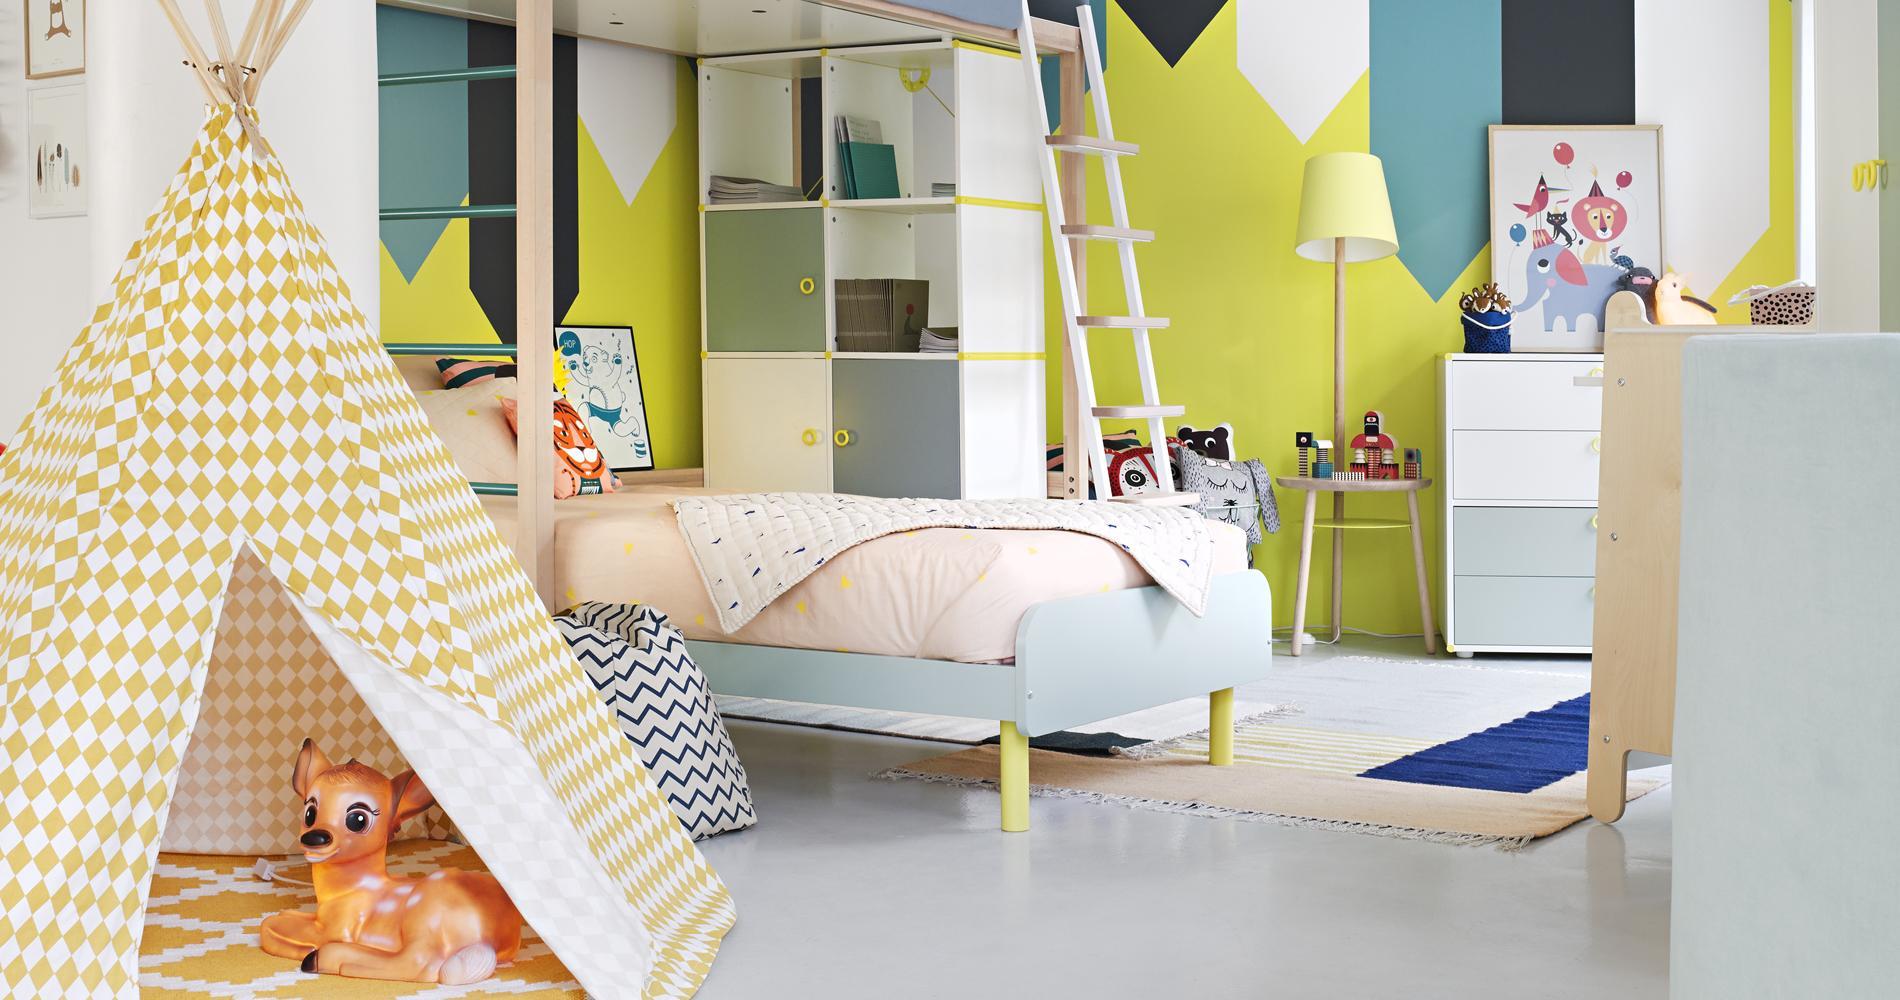 non content dtre de plus en plus design et co friendly le mobilier enfant gagne aussi en modularit